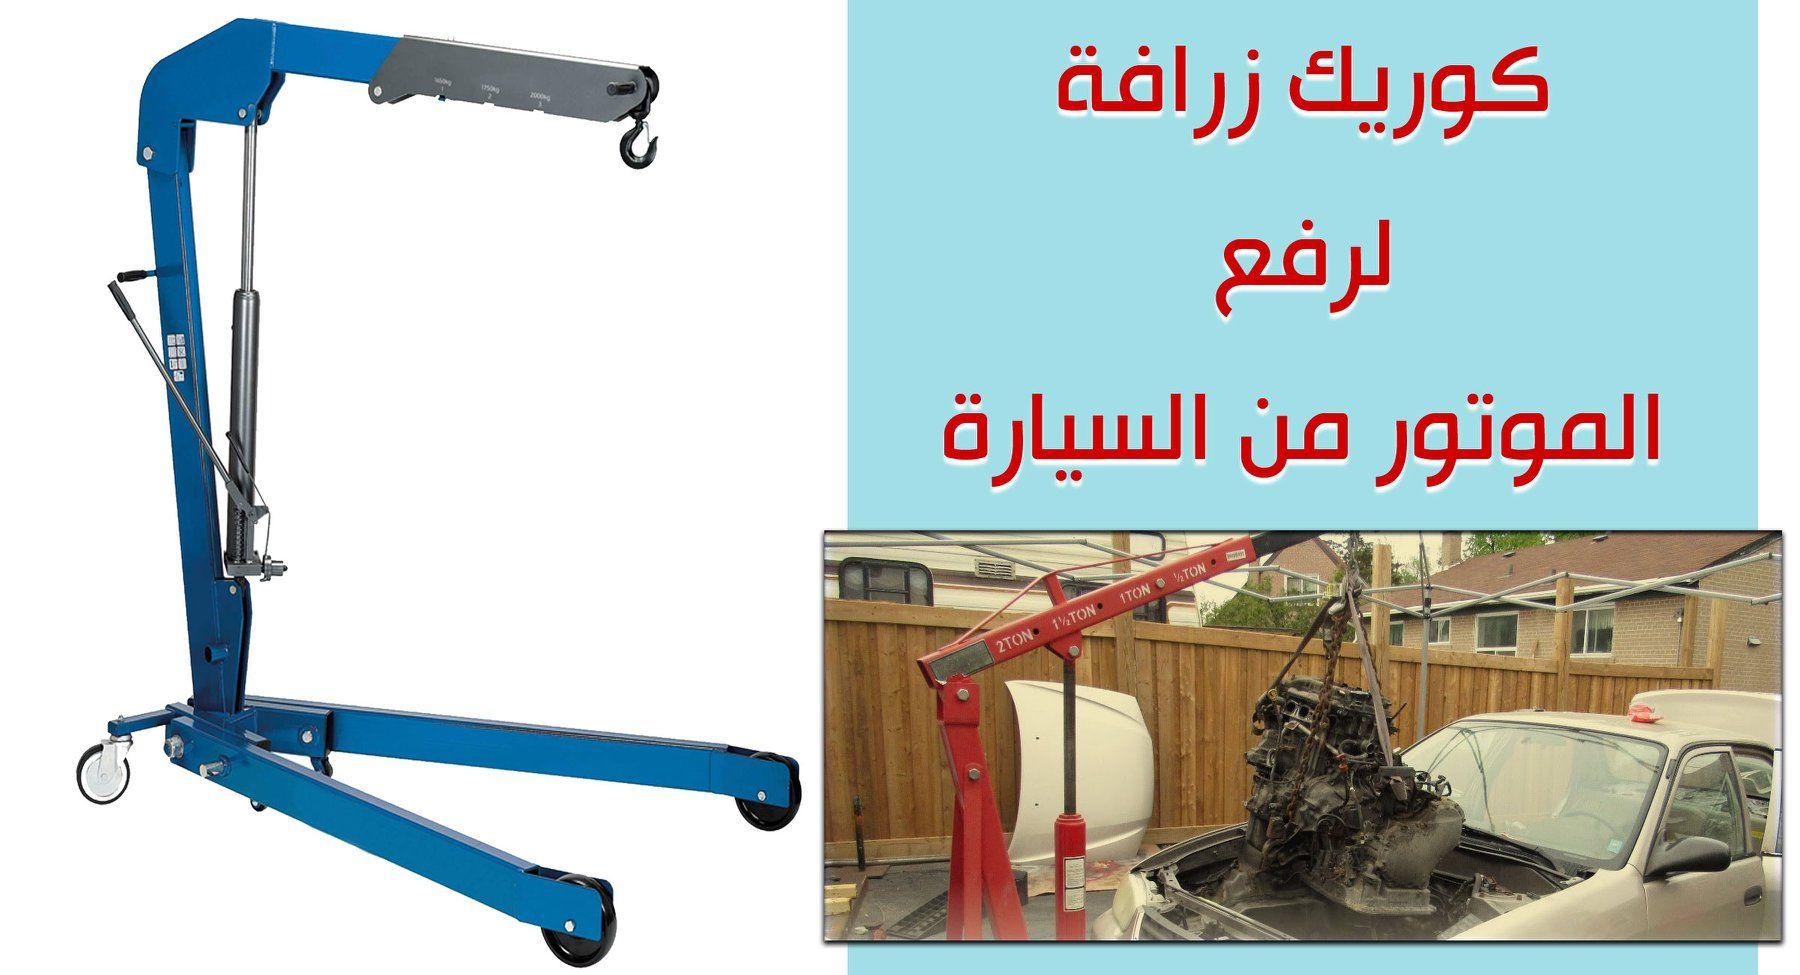 كوريك الزرافة لرفع الموتور من السيارة كلمنا على 01018828219 كوريك موتور Diamondegypt Www Diamondegypt Com Ladder